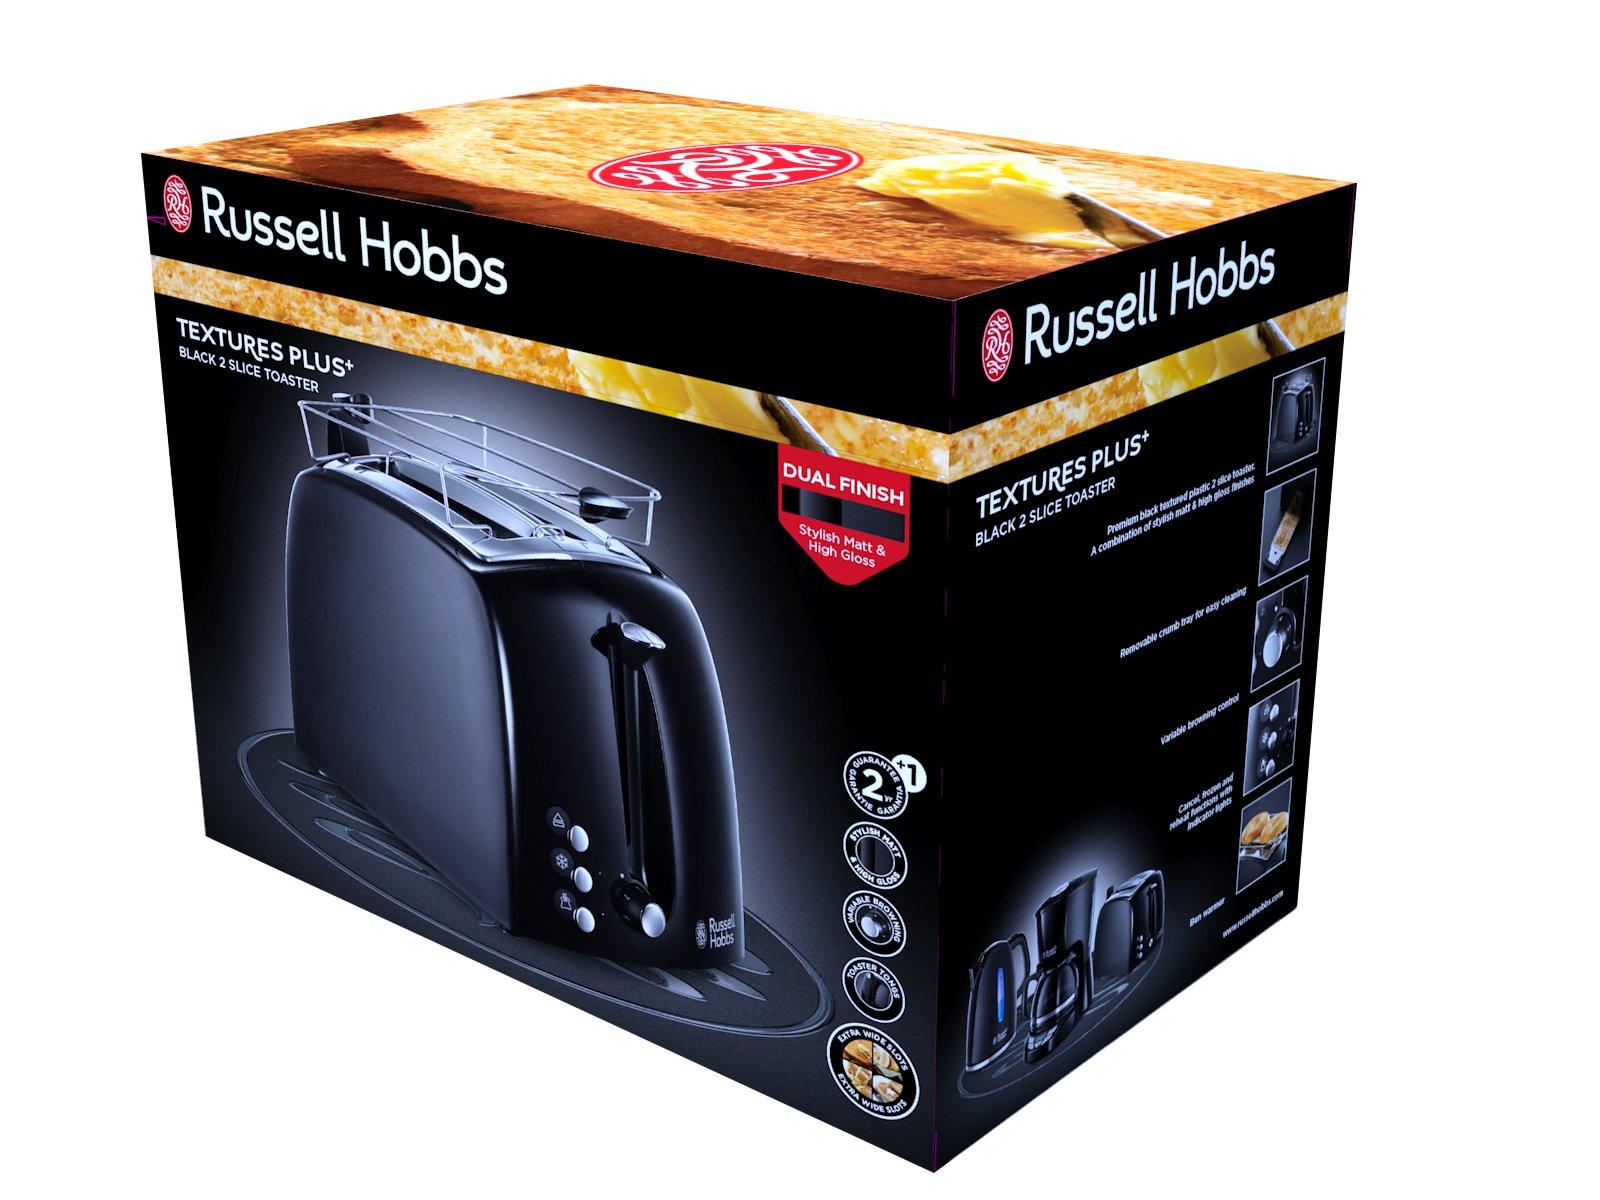 Russell-Hobbs-Toaster-Textures-2-extra-breite-Toastschlitze-Brtchenaufsatz-integrierte-Toast-Zange-6-einstellbare-Brunungsstufe-Auftau-Aufwrmfunktion-850-Watt-Toaster-schwarz-22601-56